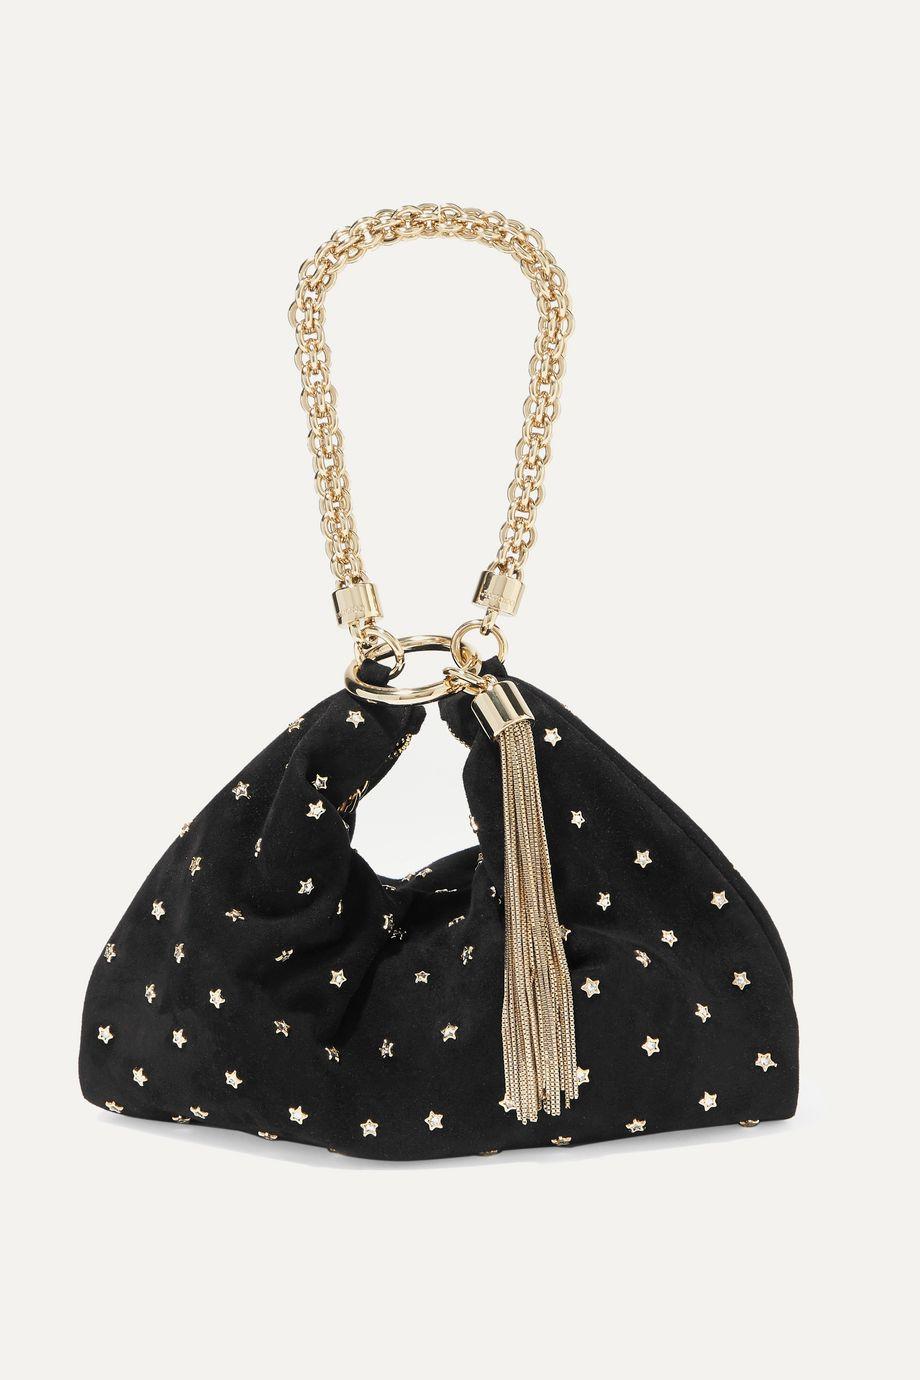 Jimmy Choo Callie embellished suede shoulder bag